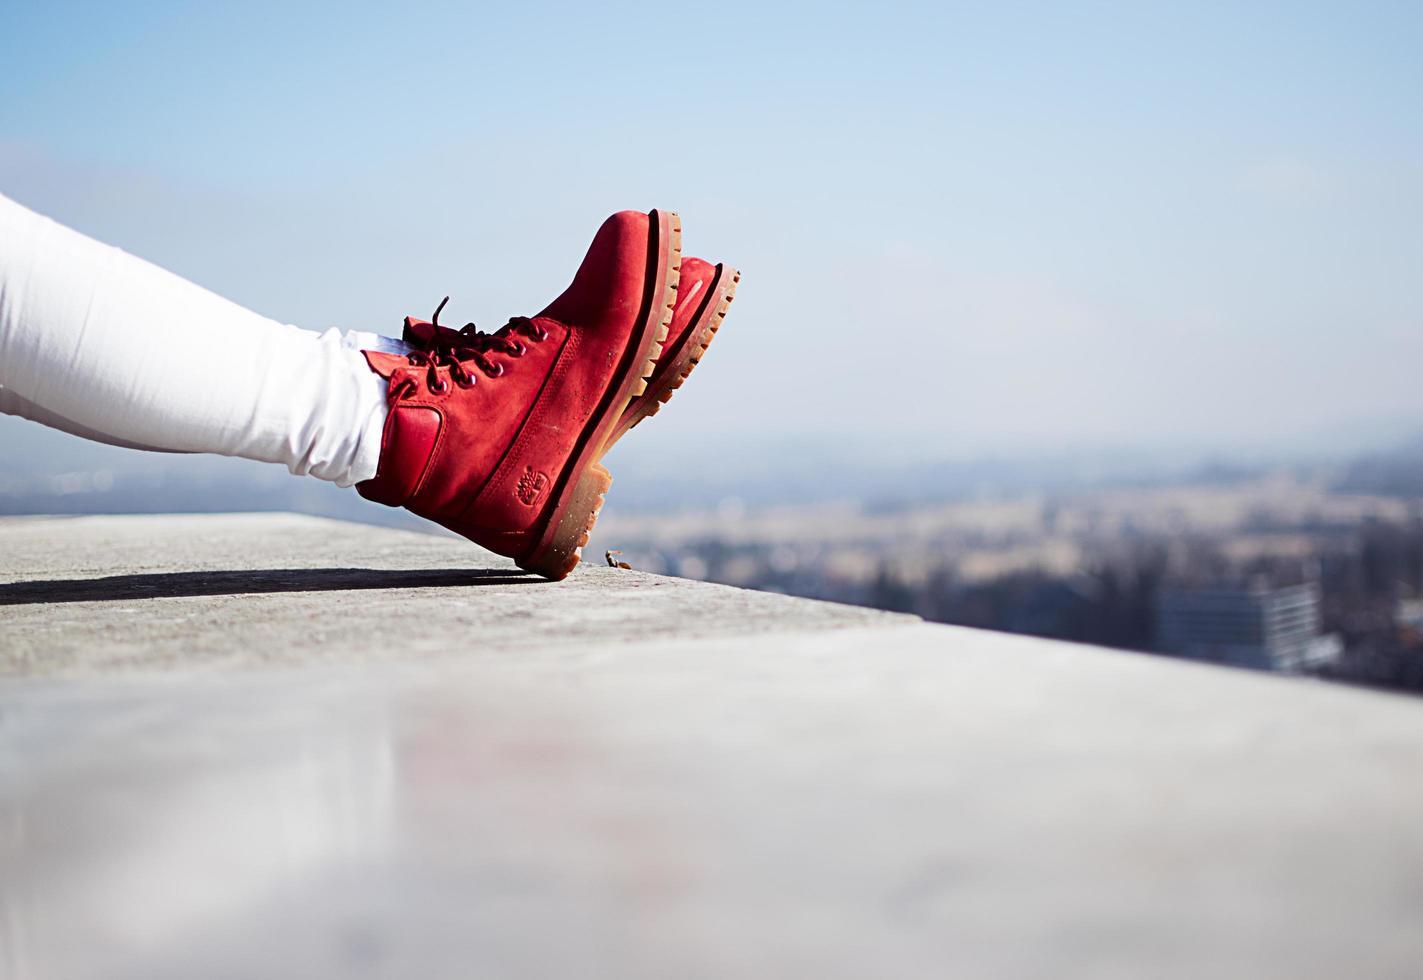 Eslovenia, 2020 - persona con botas rojas en una azotea en una ciudad foto